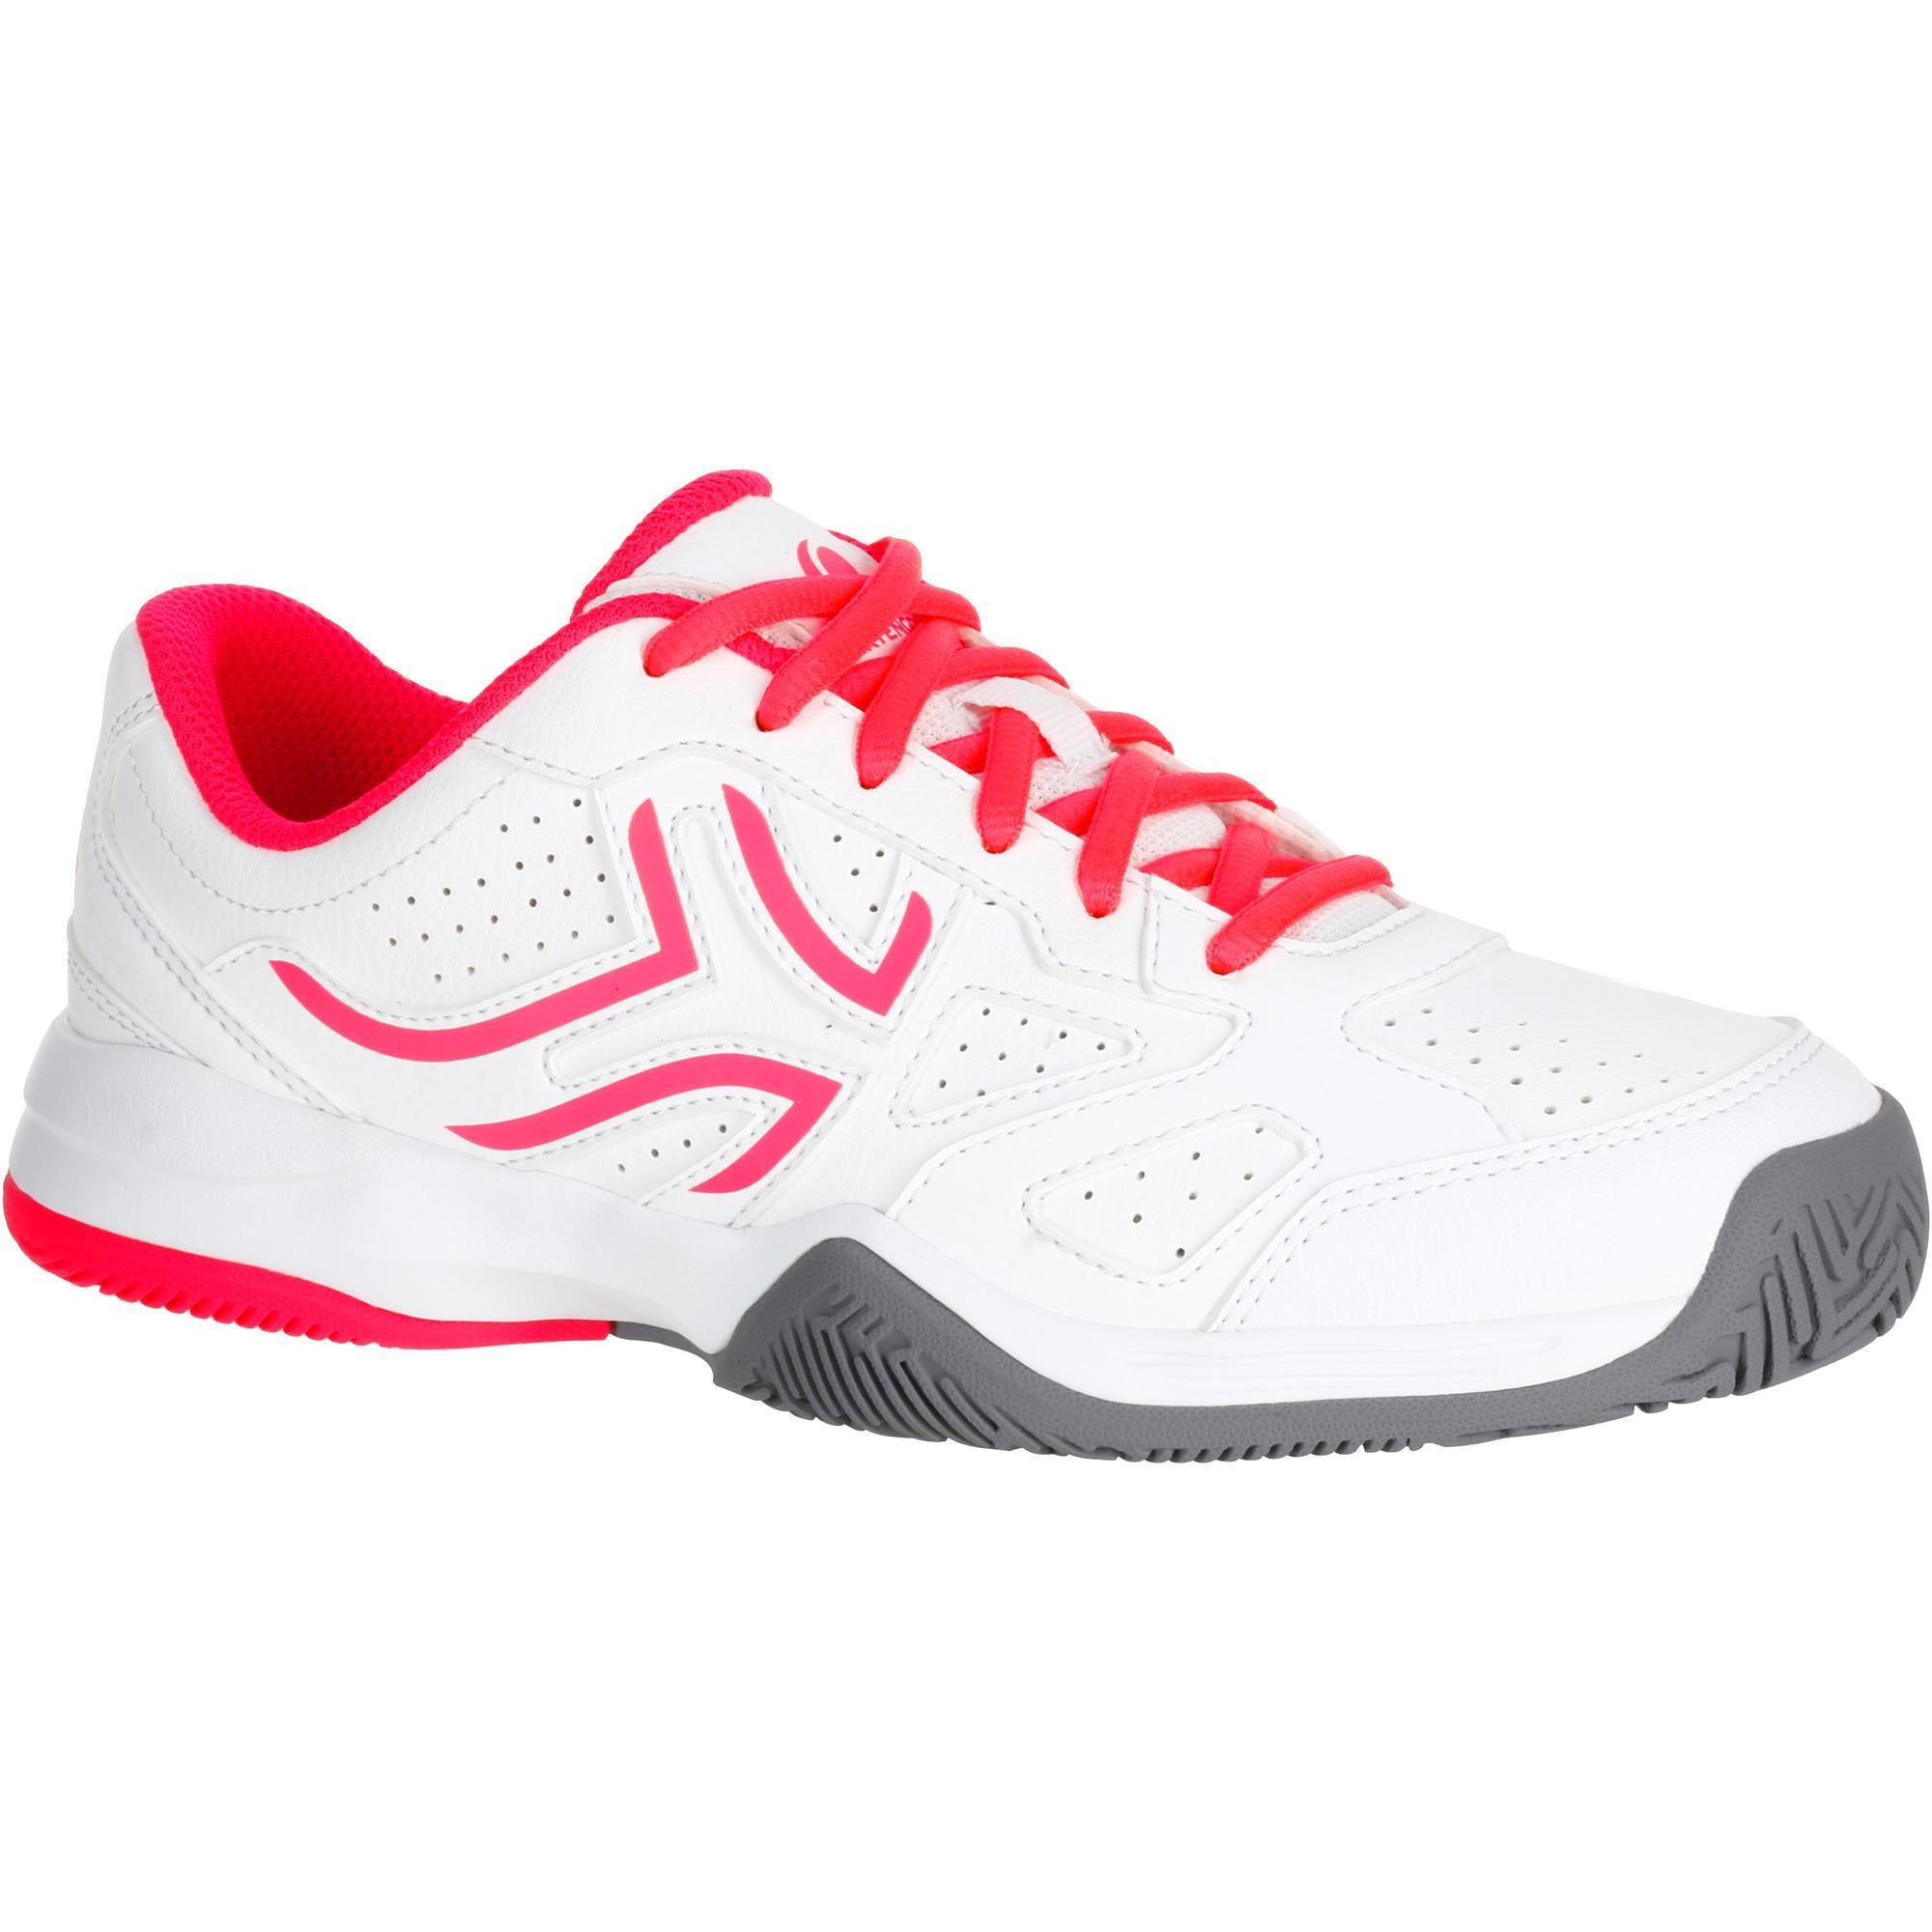 Artengo Tennisschoenen voor kinderen Artengo TS530 wit/roze